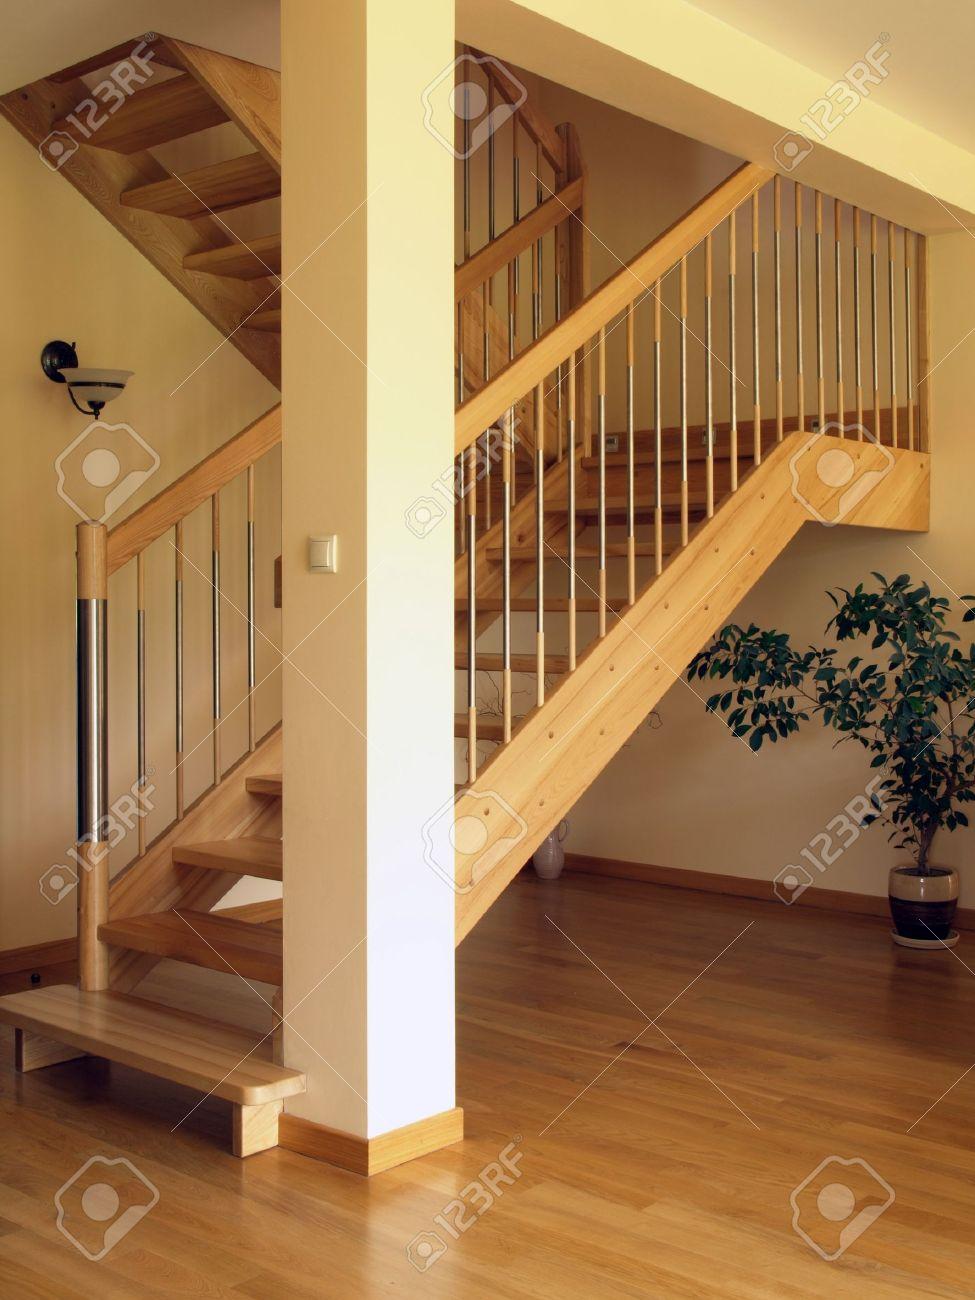 modernas escaleras de madera en la casa de lujo foto de archivo